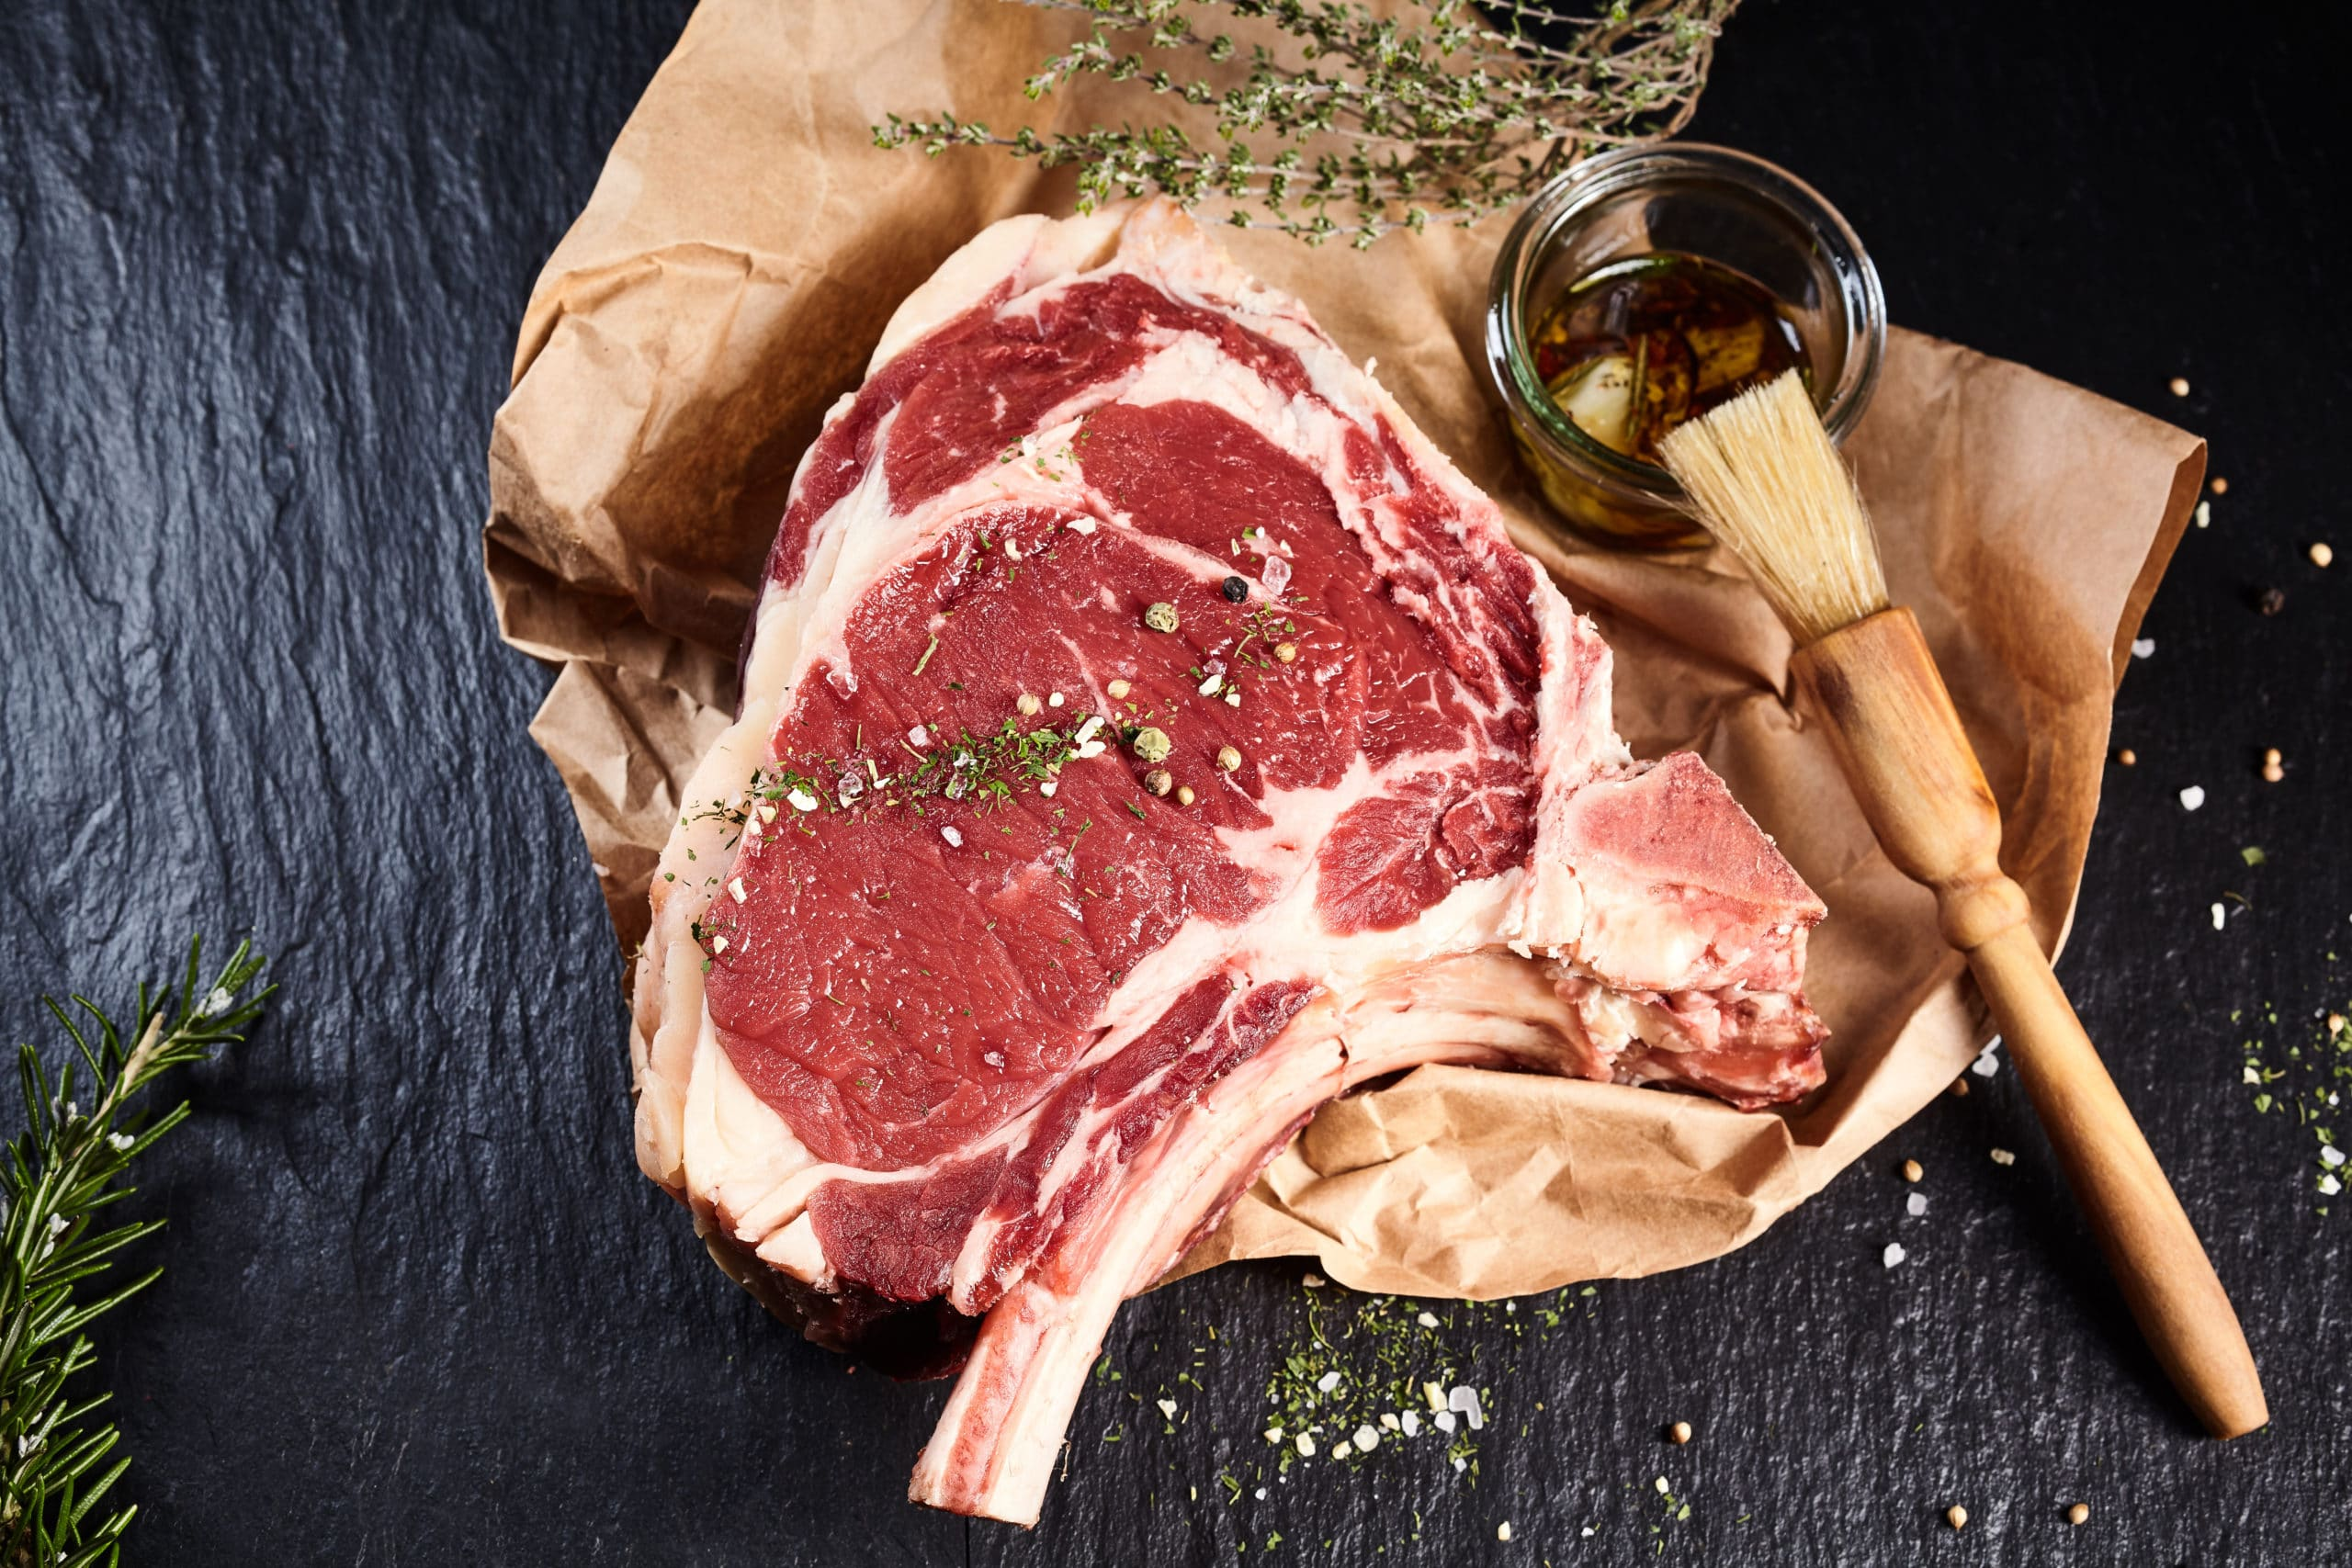 Côte de bœuf au barbecue